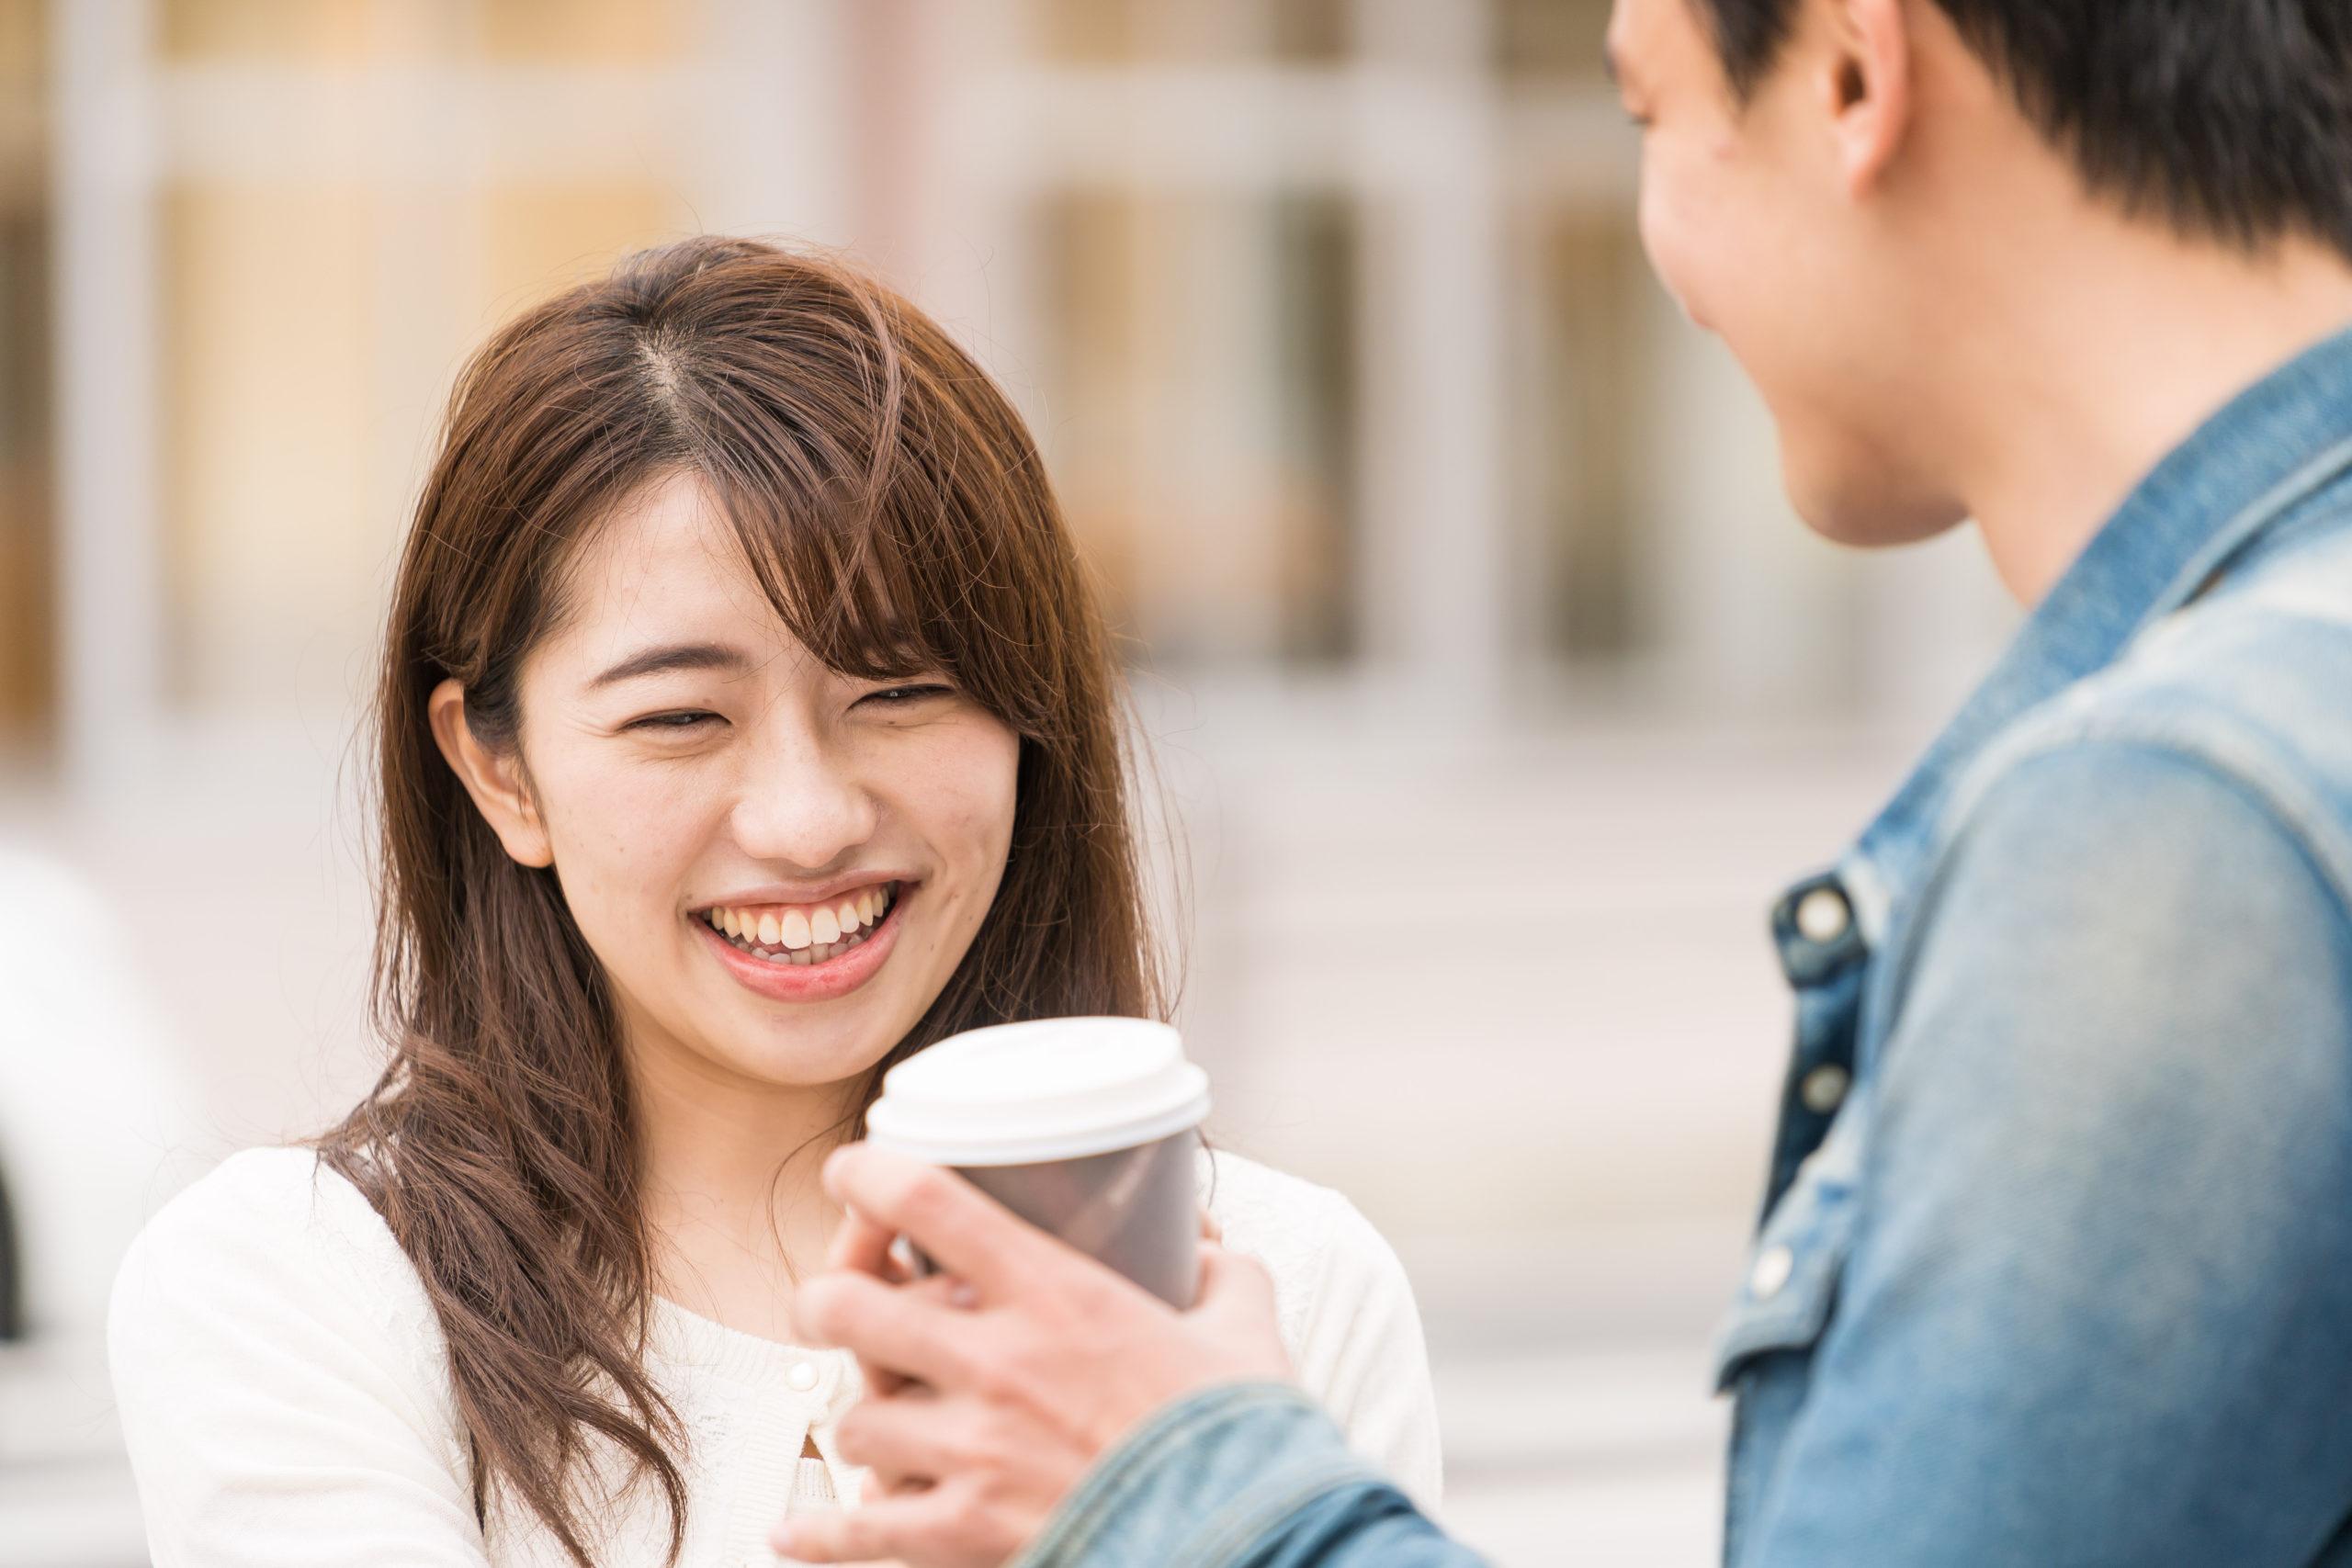 japanese-couple-talking-on-street-1341110009